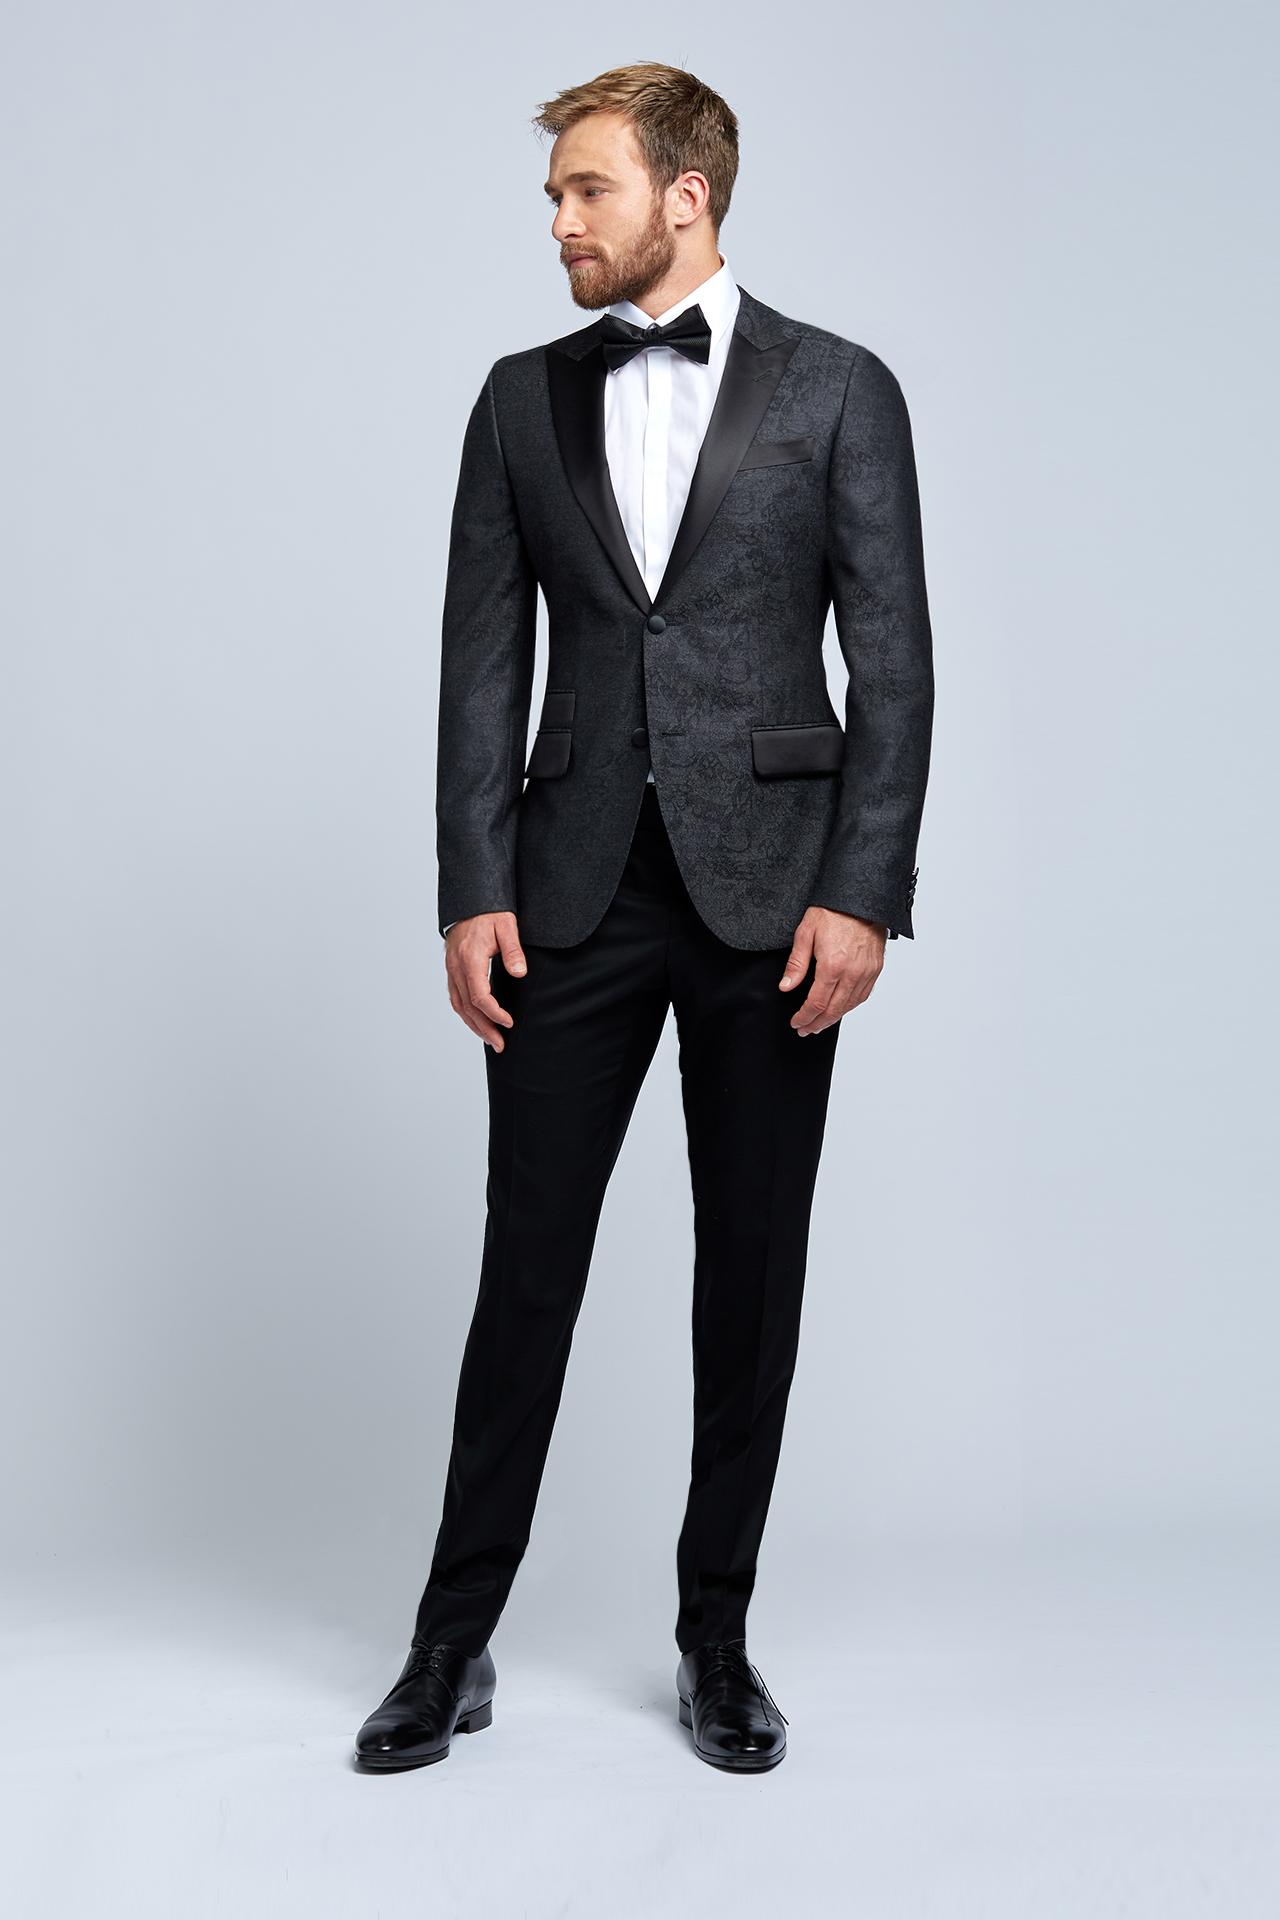 Charcoal Damask Evening Jacket with Tuxedo Pants